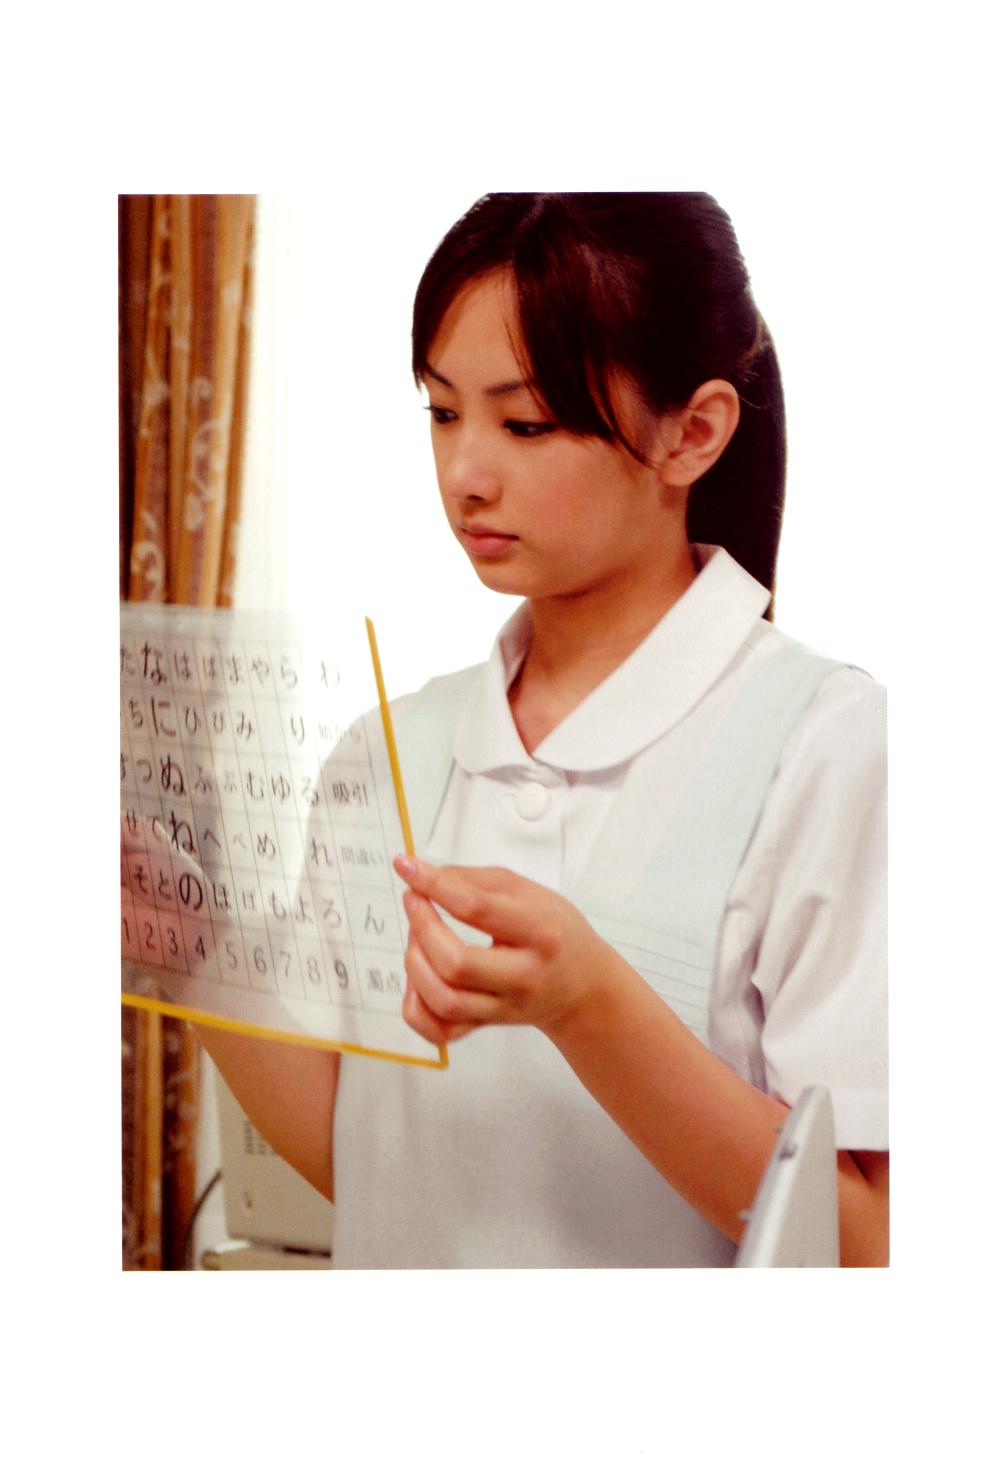 keikoool36035.jpg